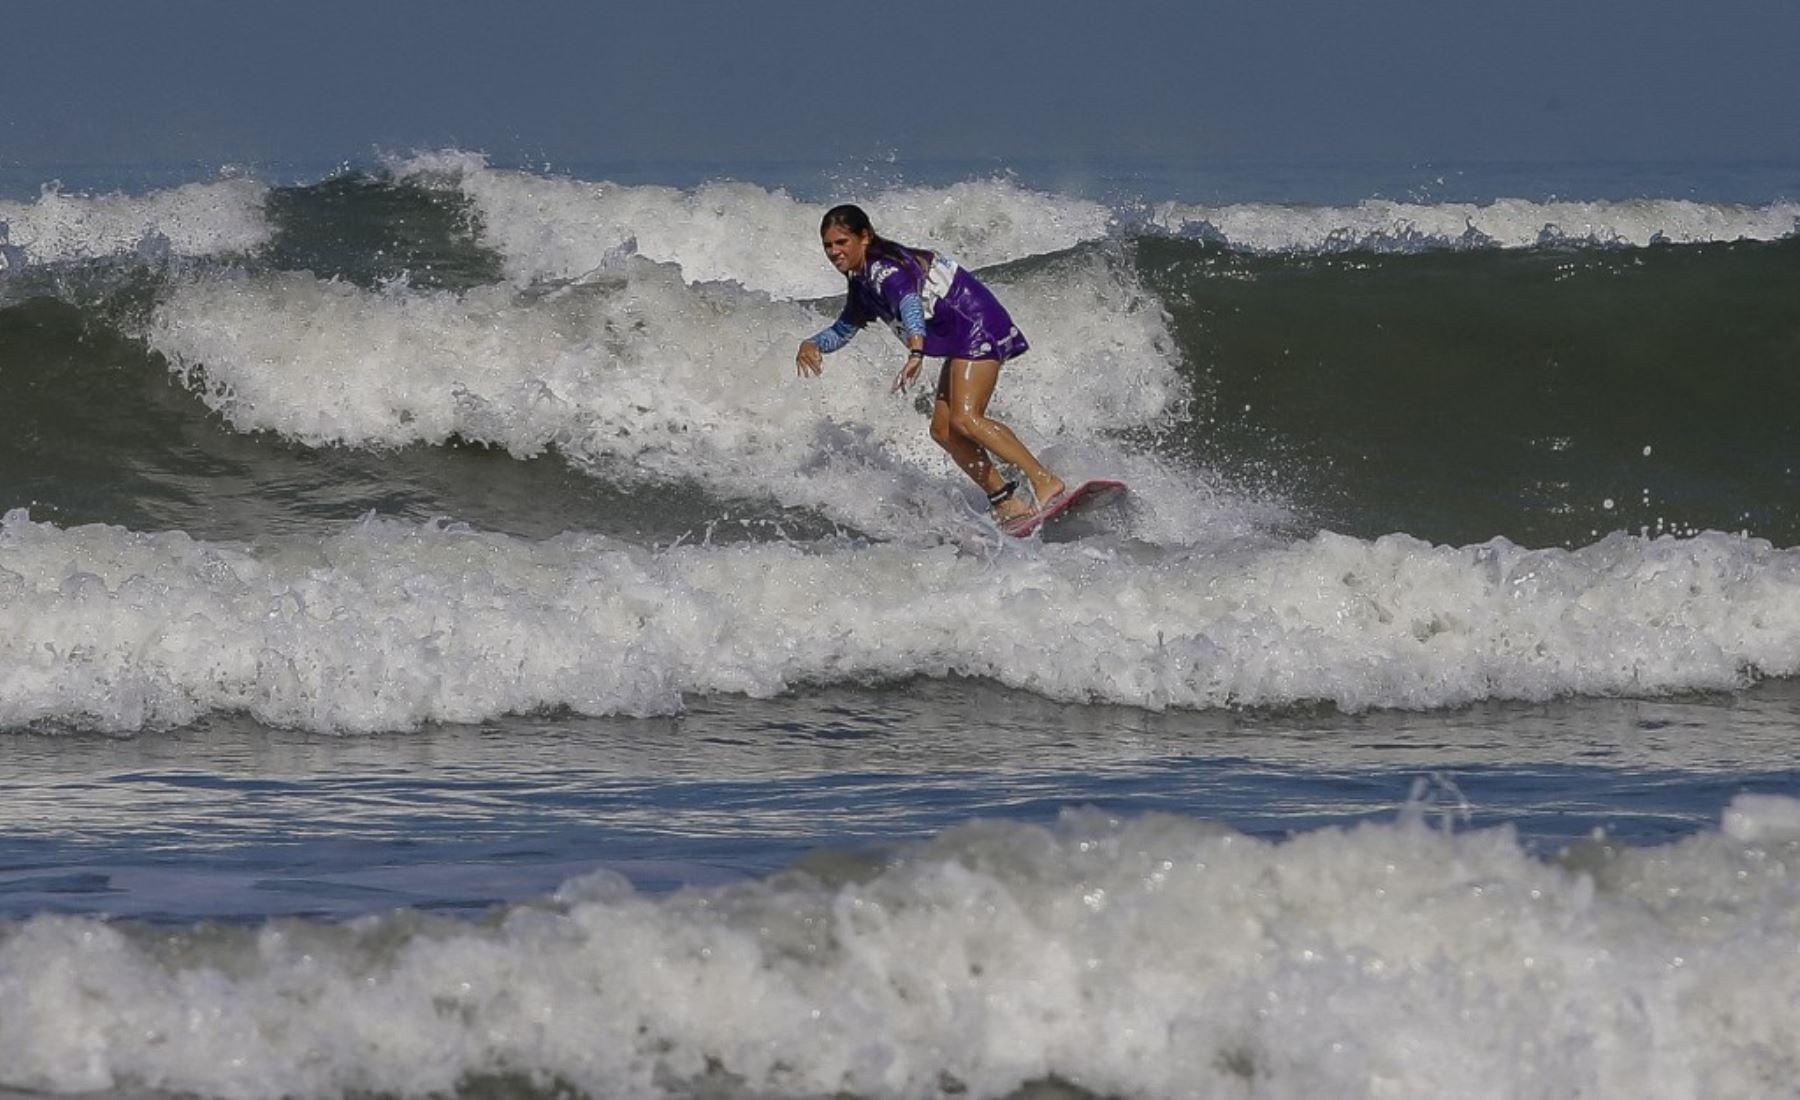 El surf, una tabla de esperanza para discapacitados en Brasil